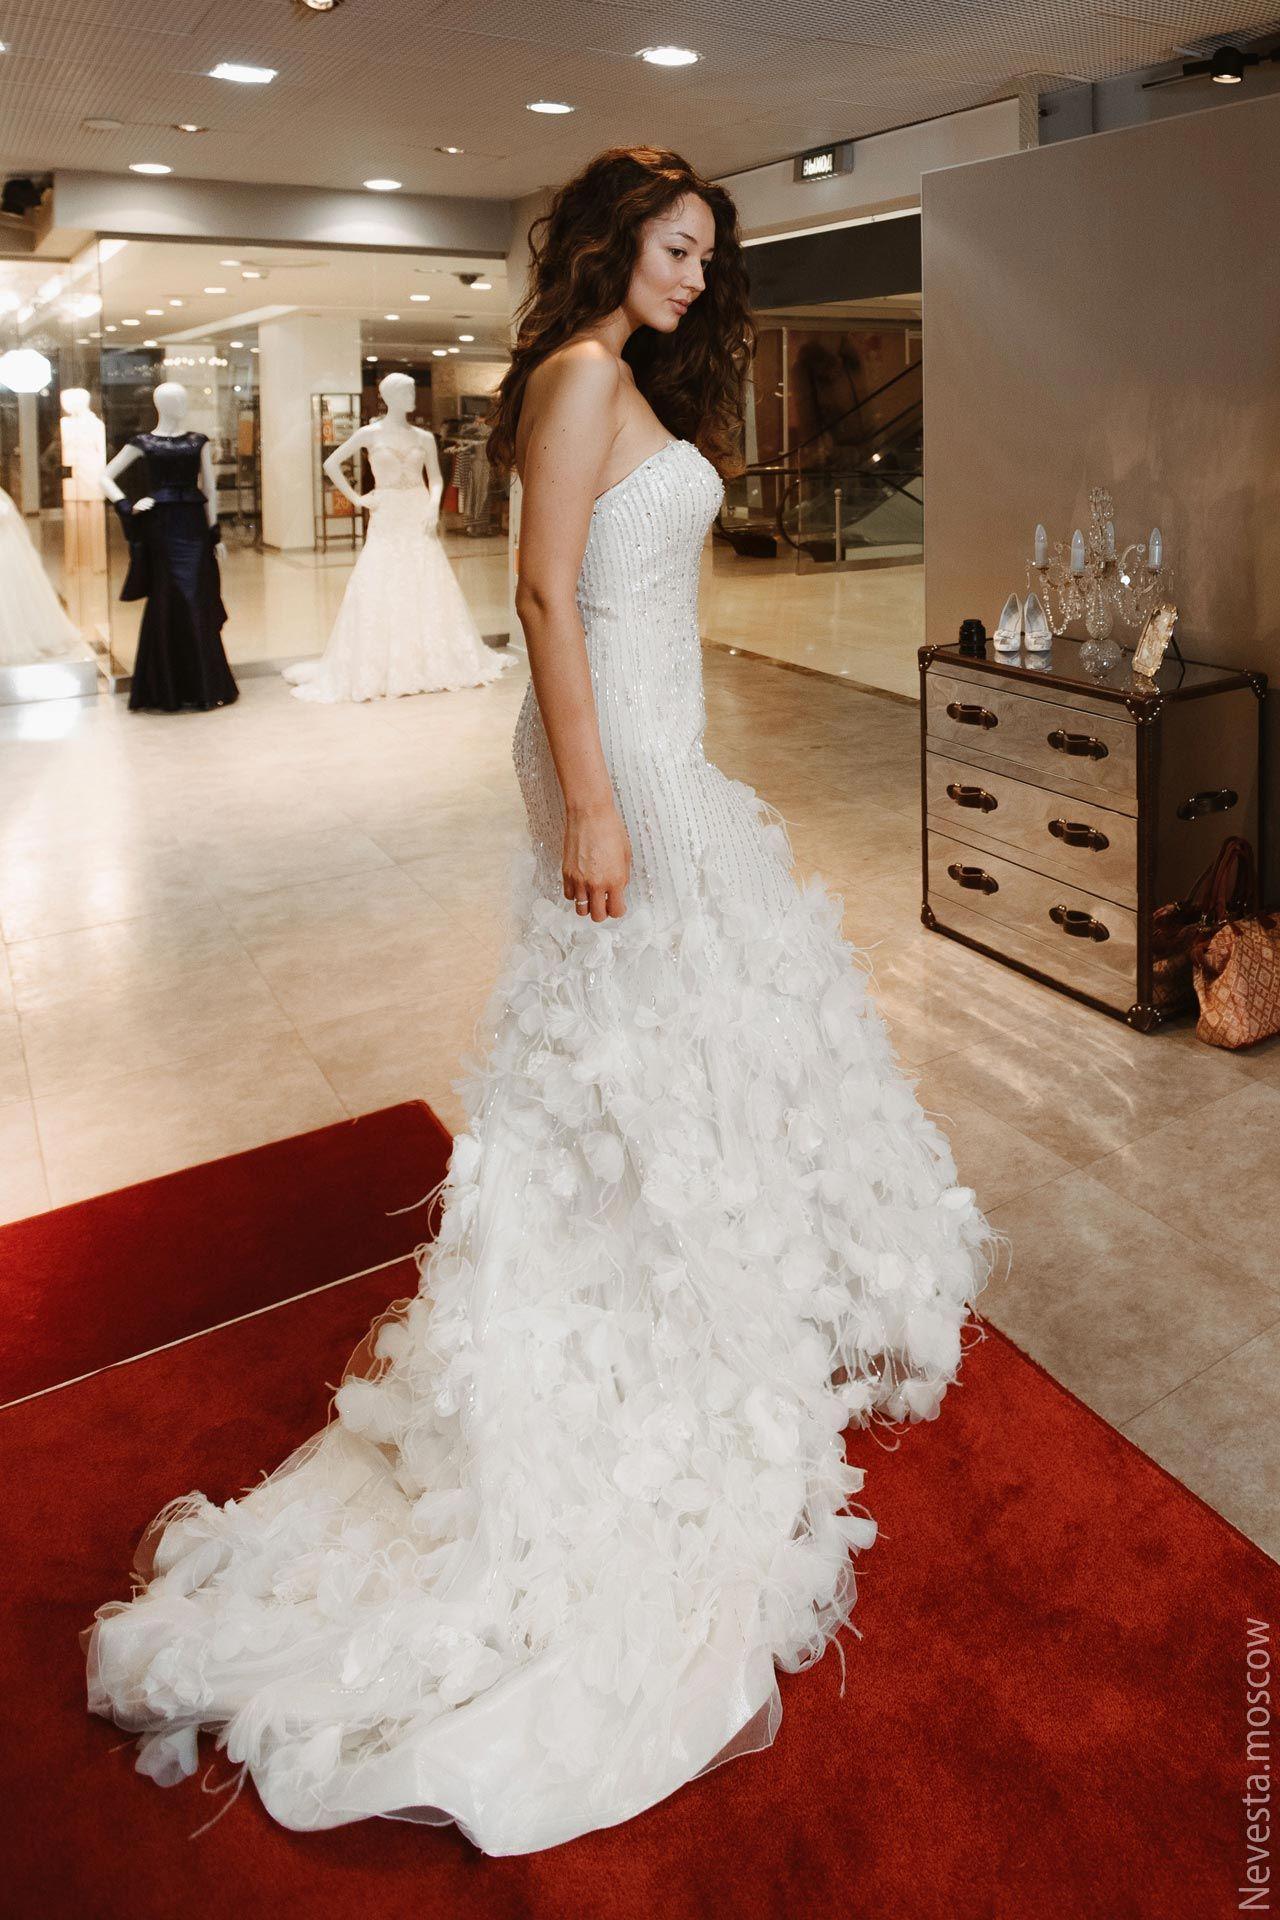 Рената Байкова примеряет свадебное платье фото 3